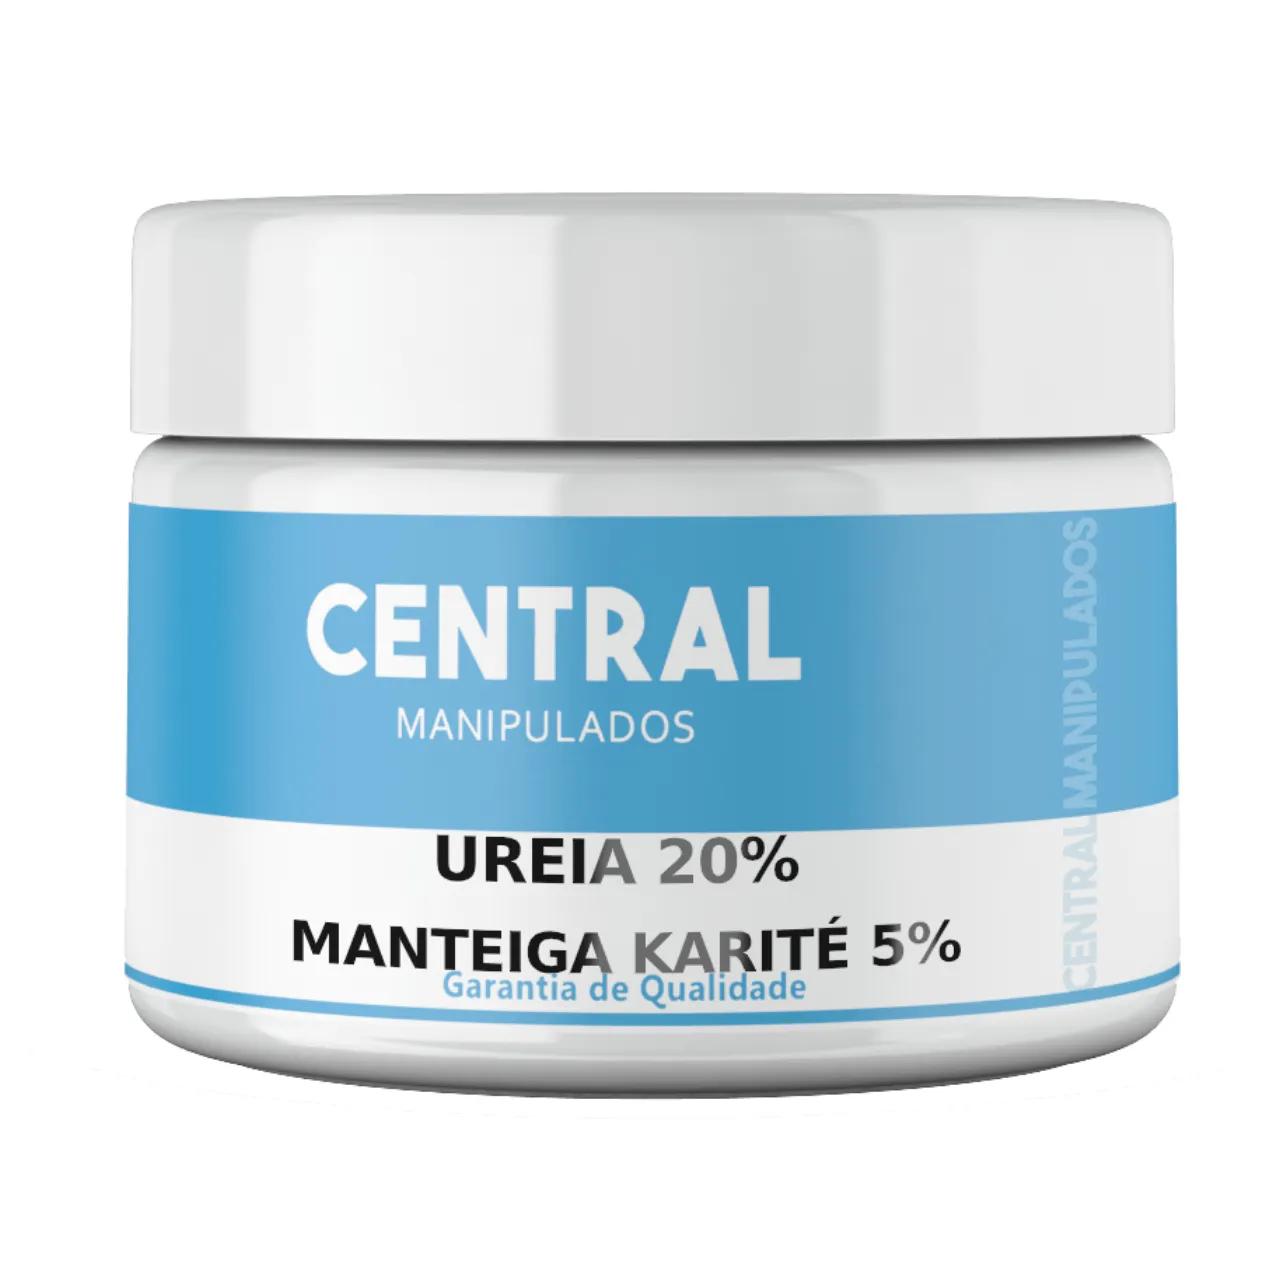 Creme Ureia 20% + Manteiga de Karité 5% + Glicerina 10% - 100gramas - Previne o Ressecamento, Antioxidante, Protege a Pele